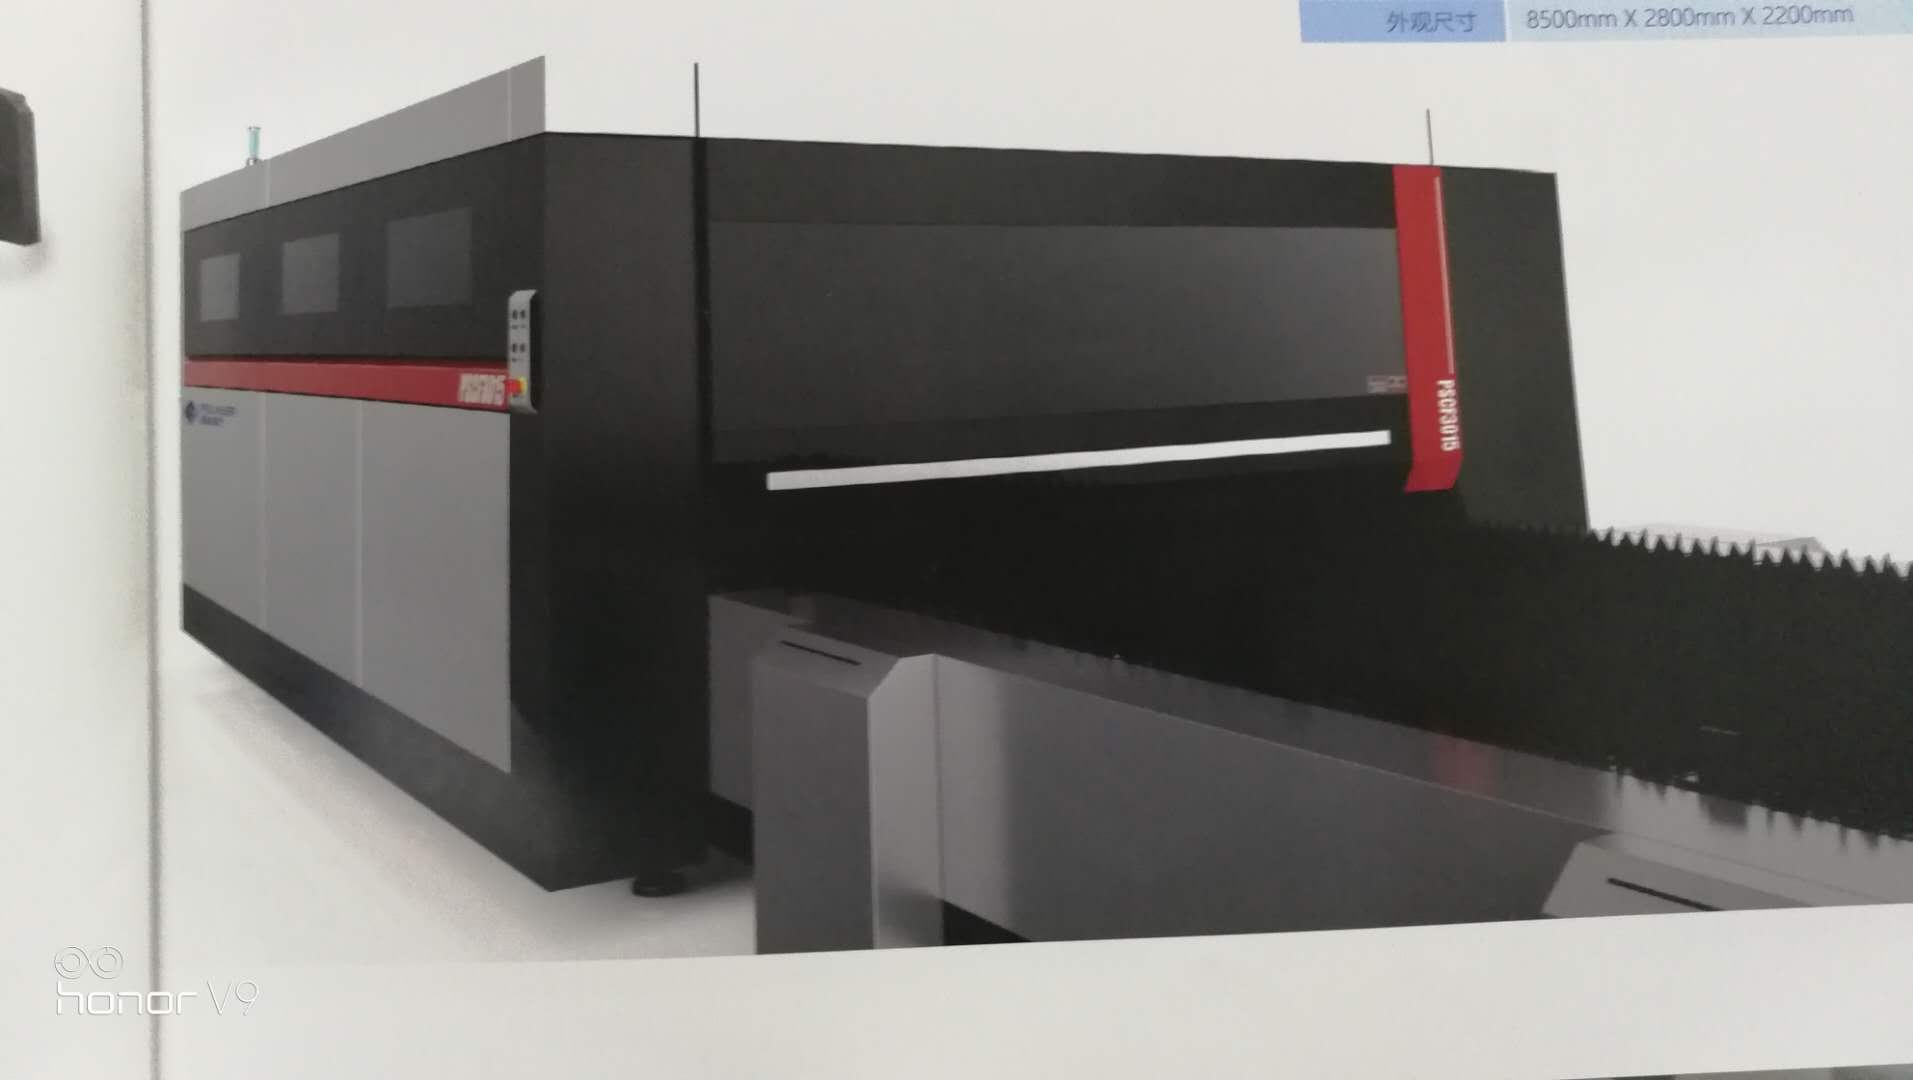 成都金牛区钢材城普盛激光2000w光纤金属切割机销售代理